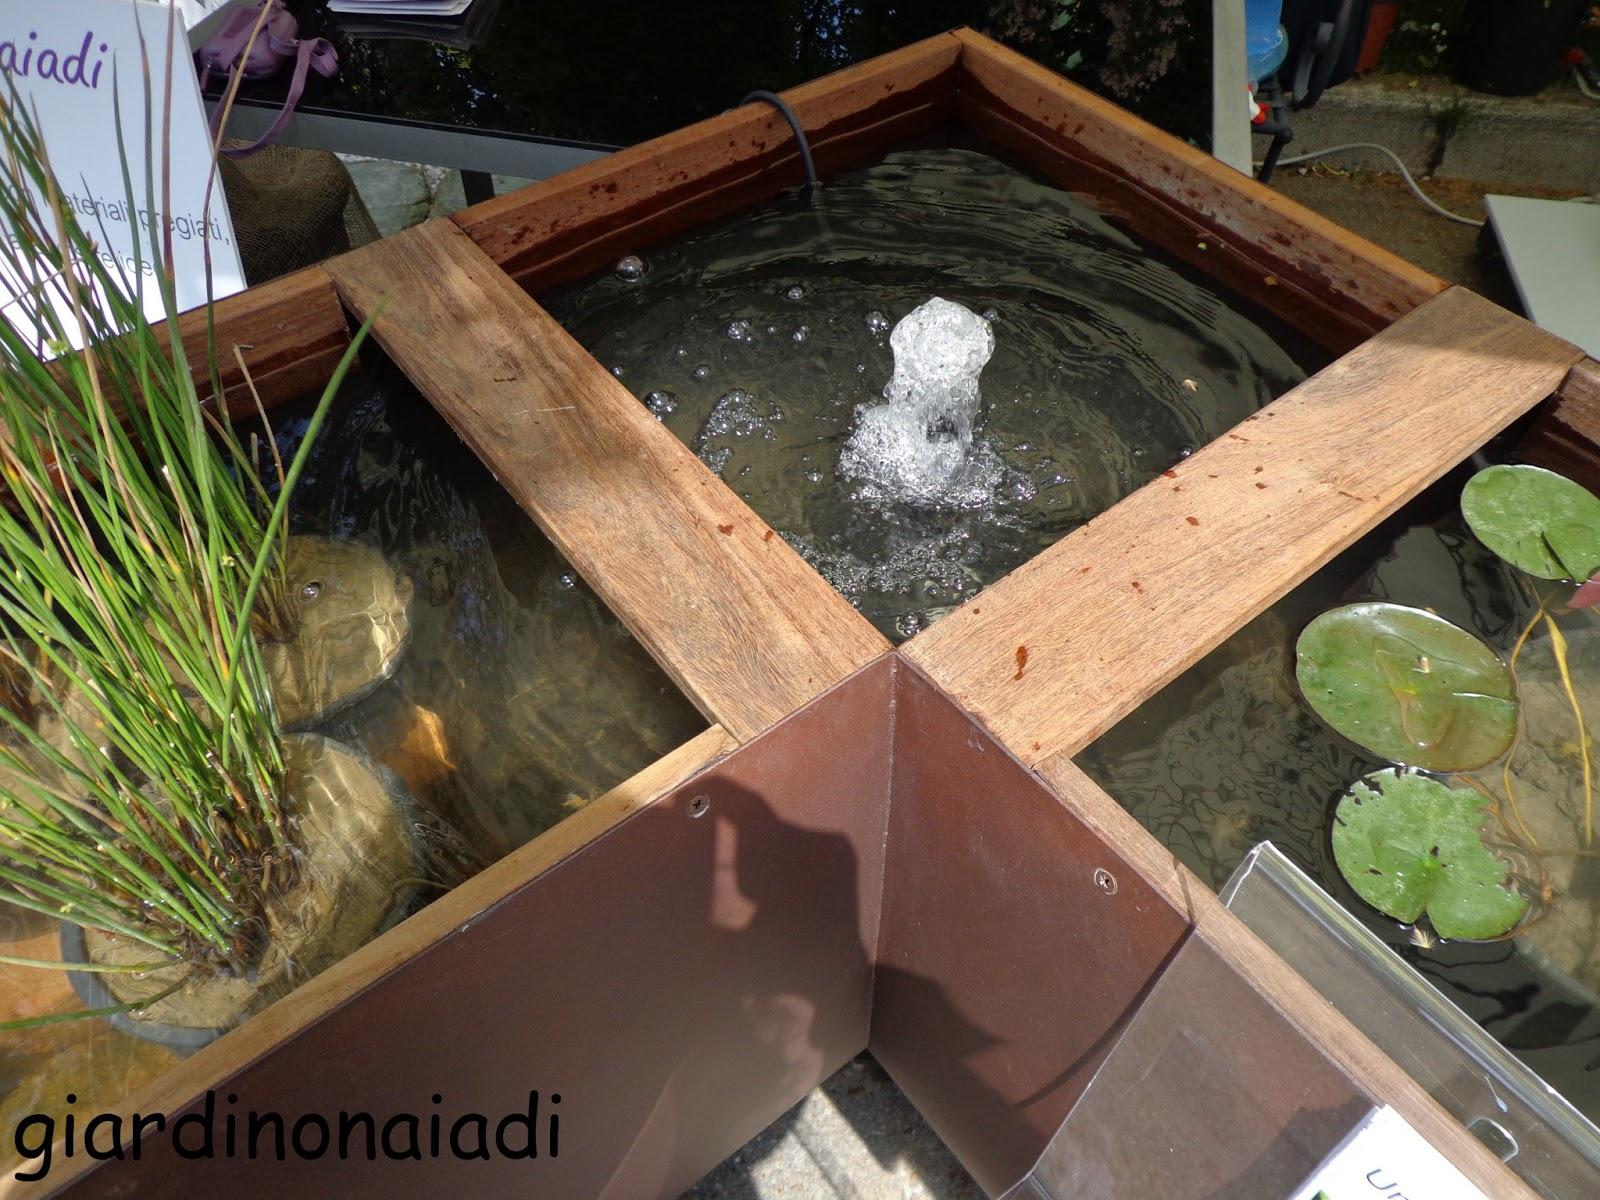 il giardino delle naiadi: giardini e terrazzi 2013 - Piccolo Giardino Con Fontana